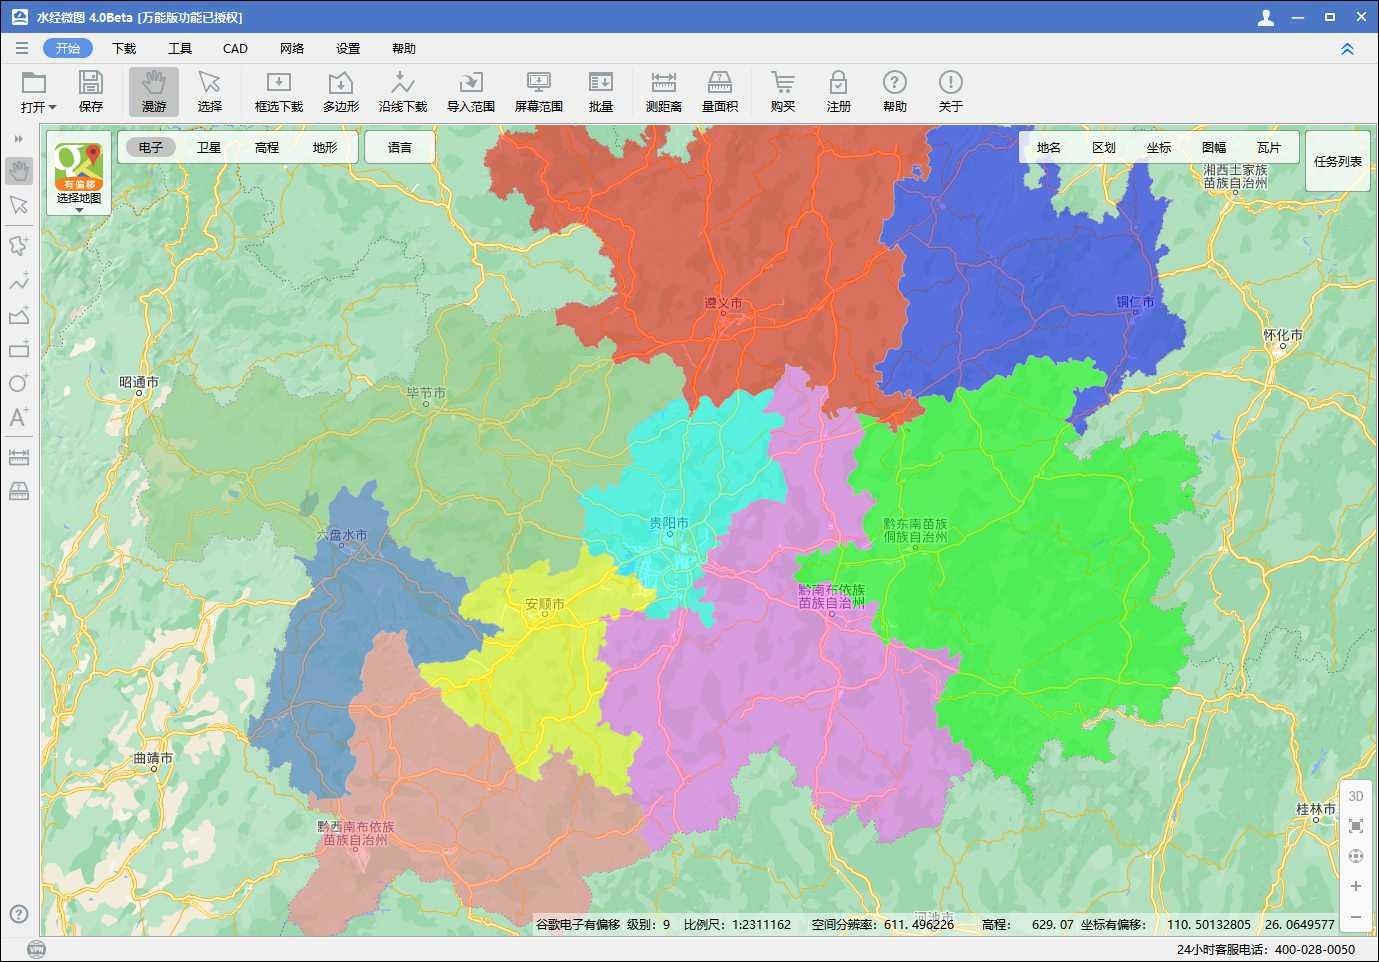 11行政区划与电子地图叠加.jpg